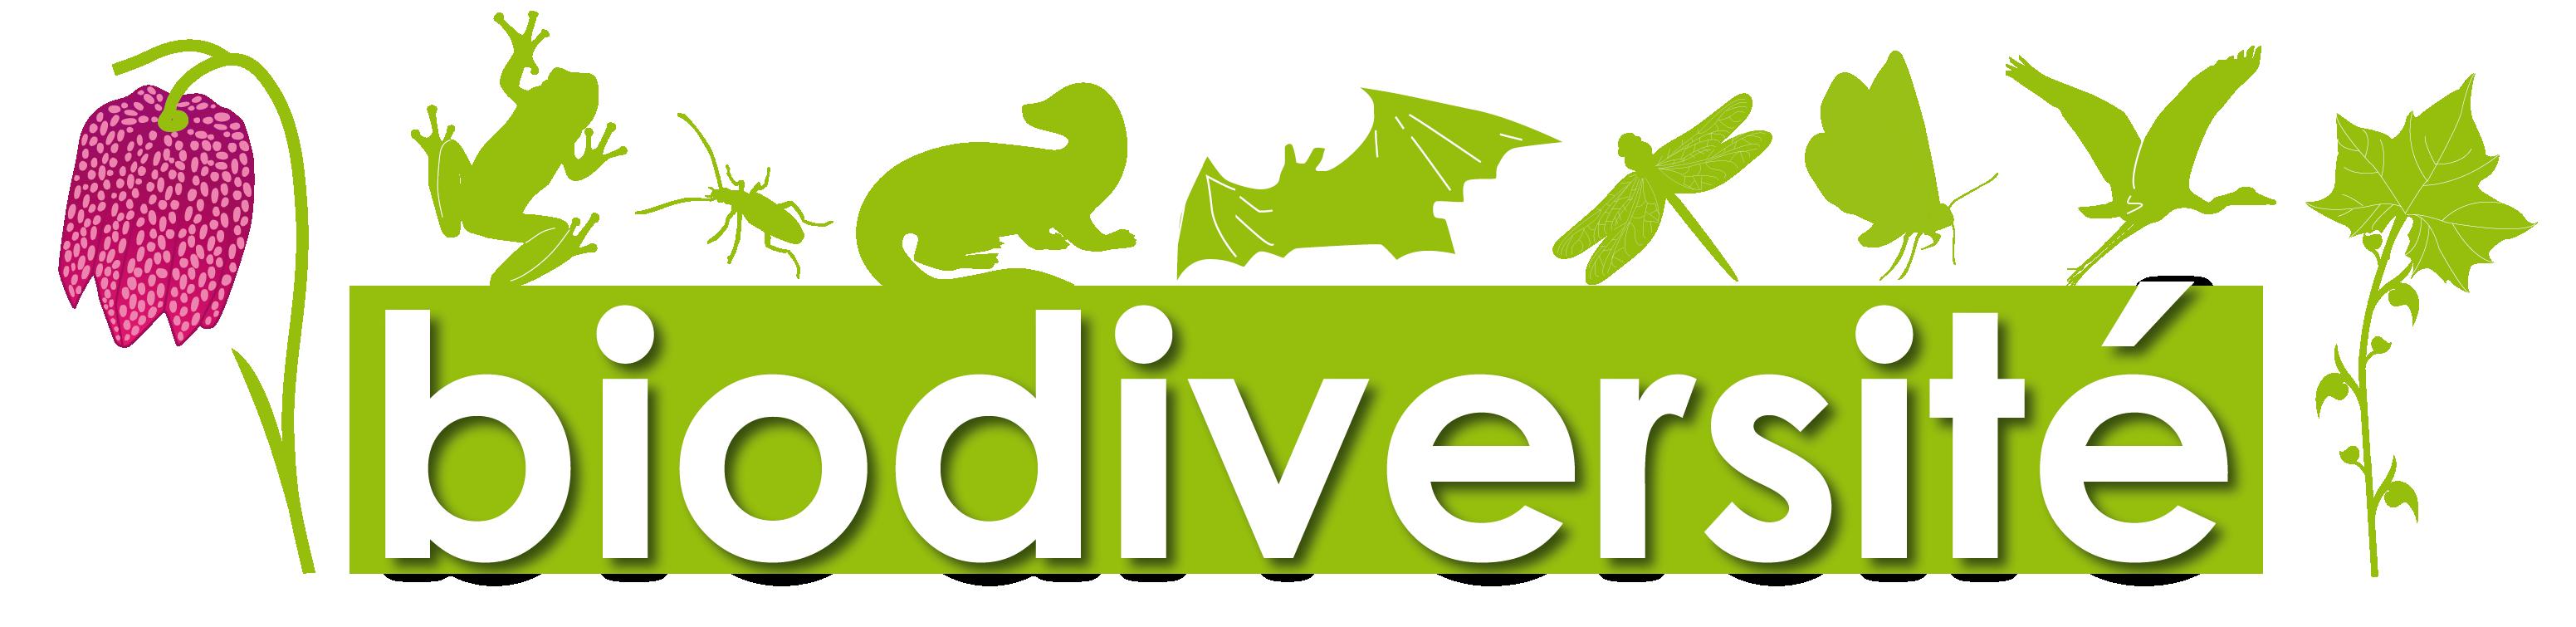 Logo-Biodiversite_poitou